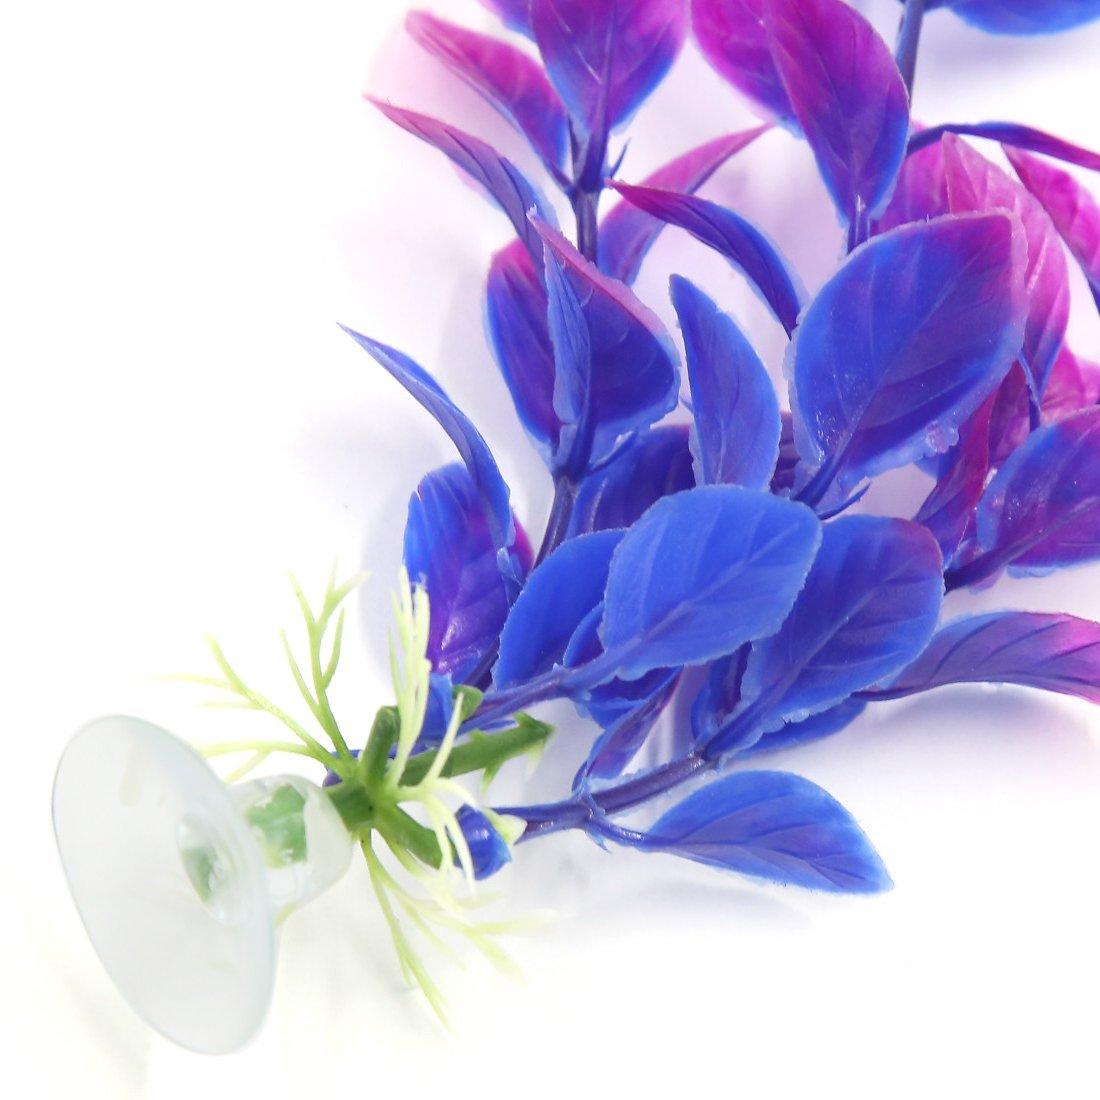 Amazon.com : eDealMax a16071400ux0502 6 pedazo planta Decoración del ornamento de plástico acuario Con ventosa : Pet Supplies